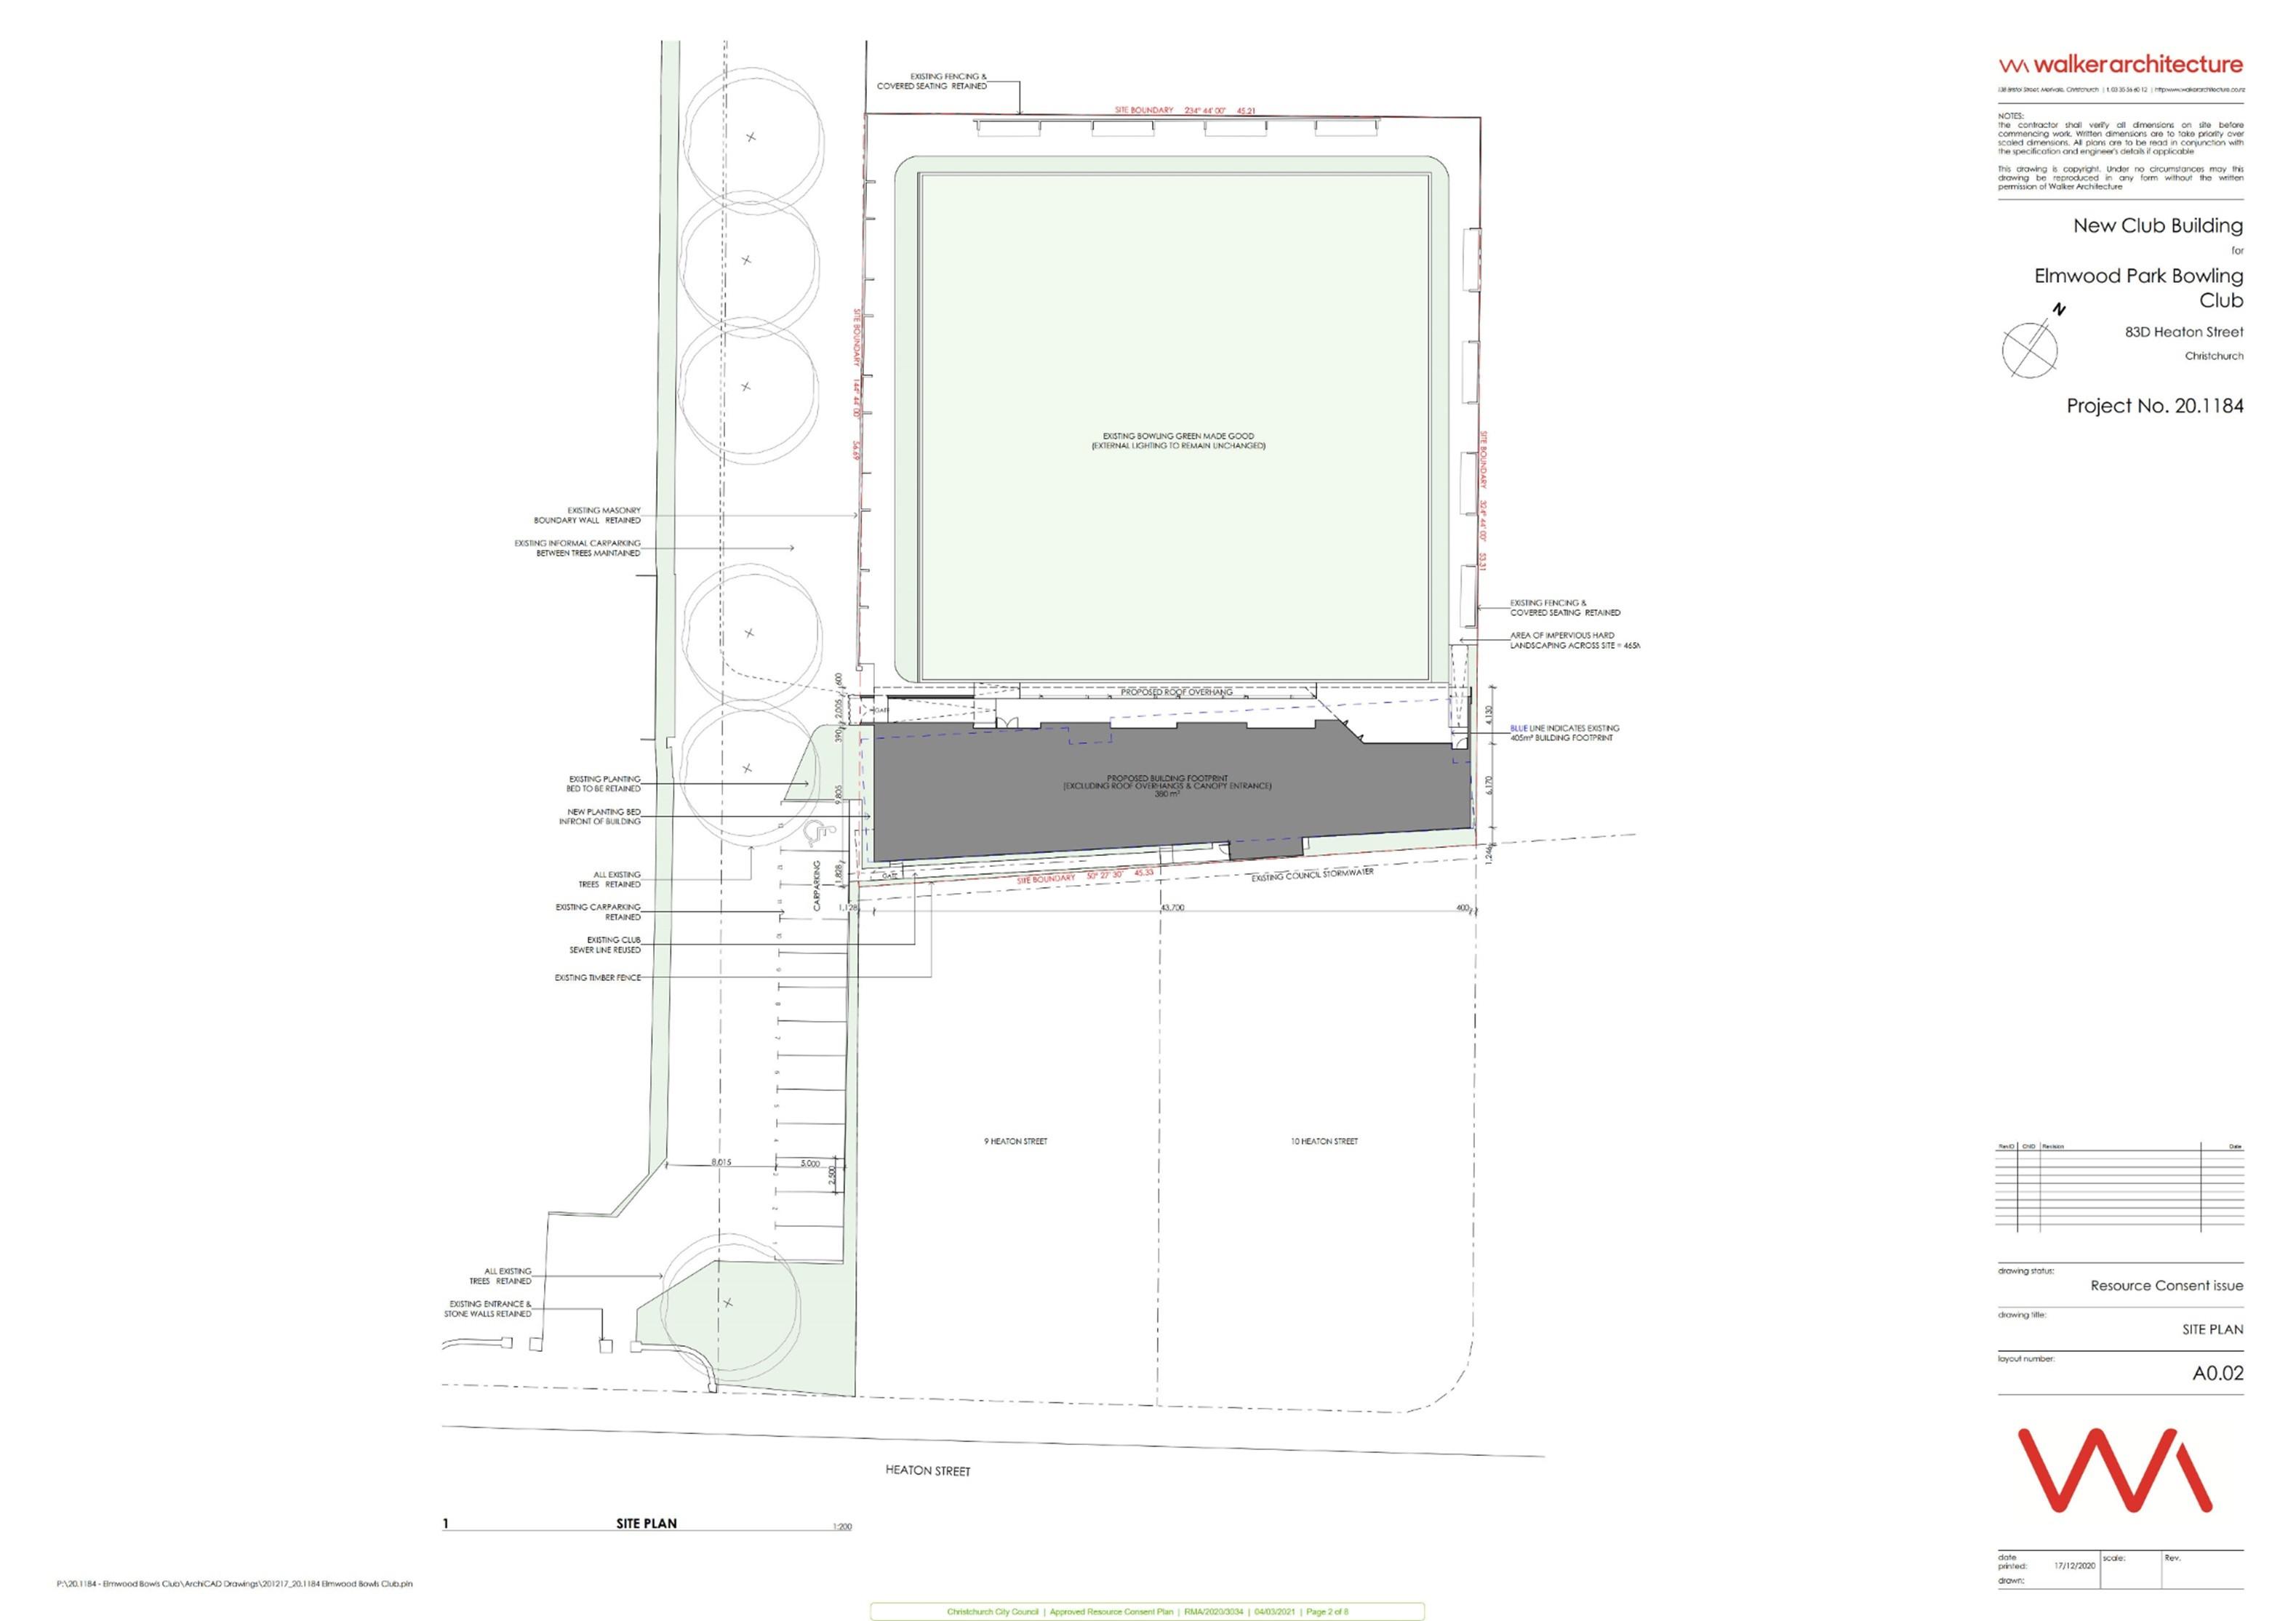 Elmwood Bowling Club plan 2 of 8